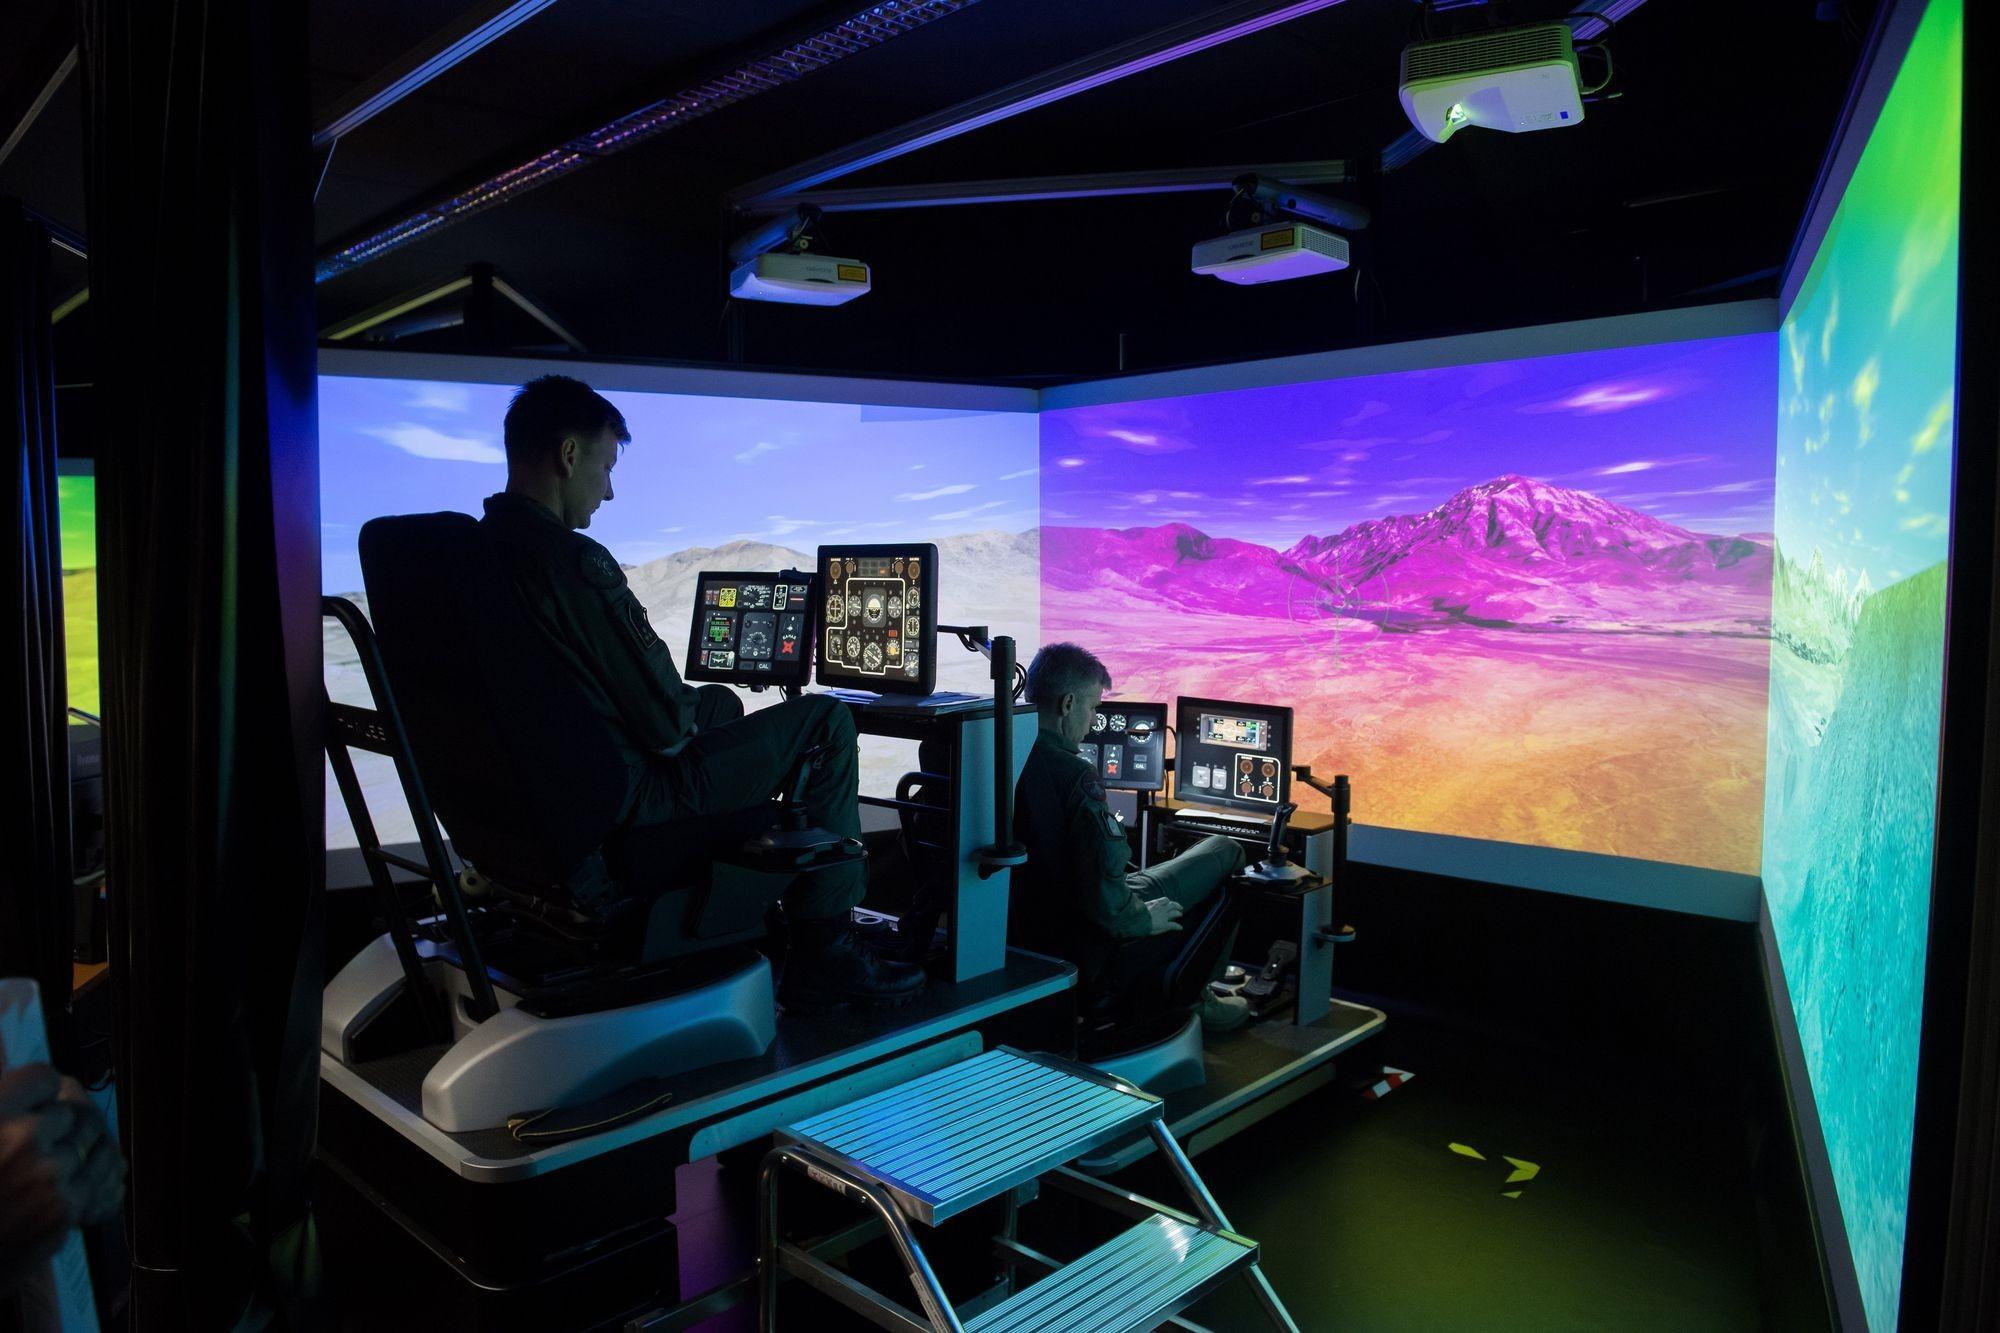 Helikopterszimulátort adtak át a Magyar Honvédség szolnoki bázisán